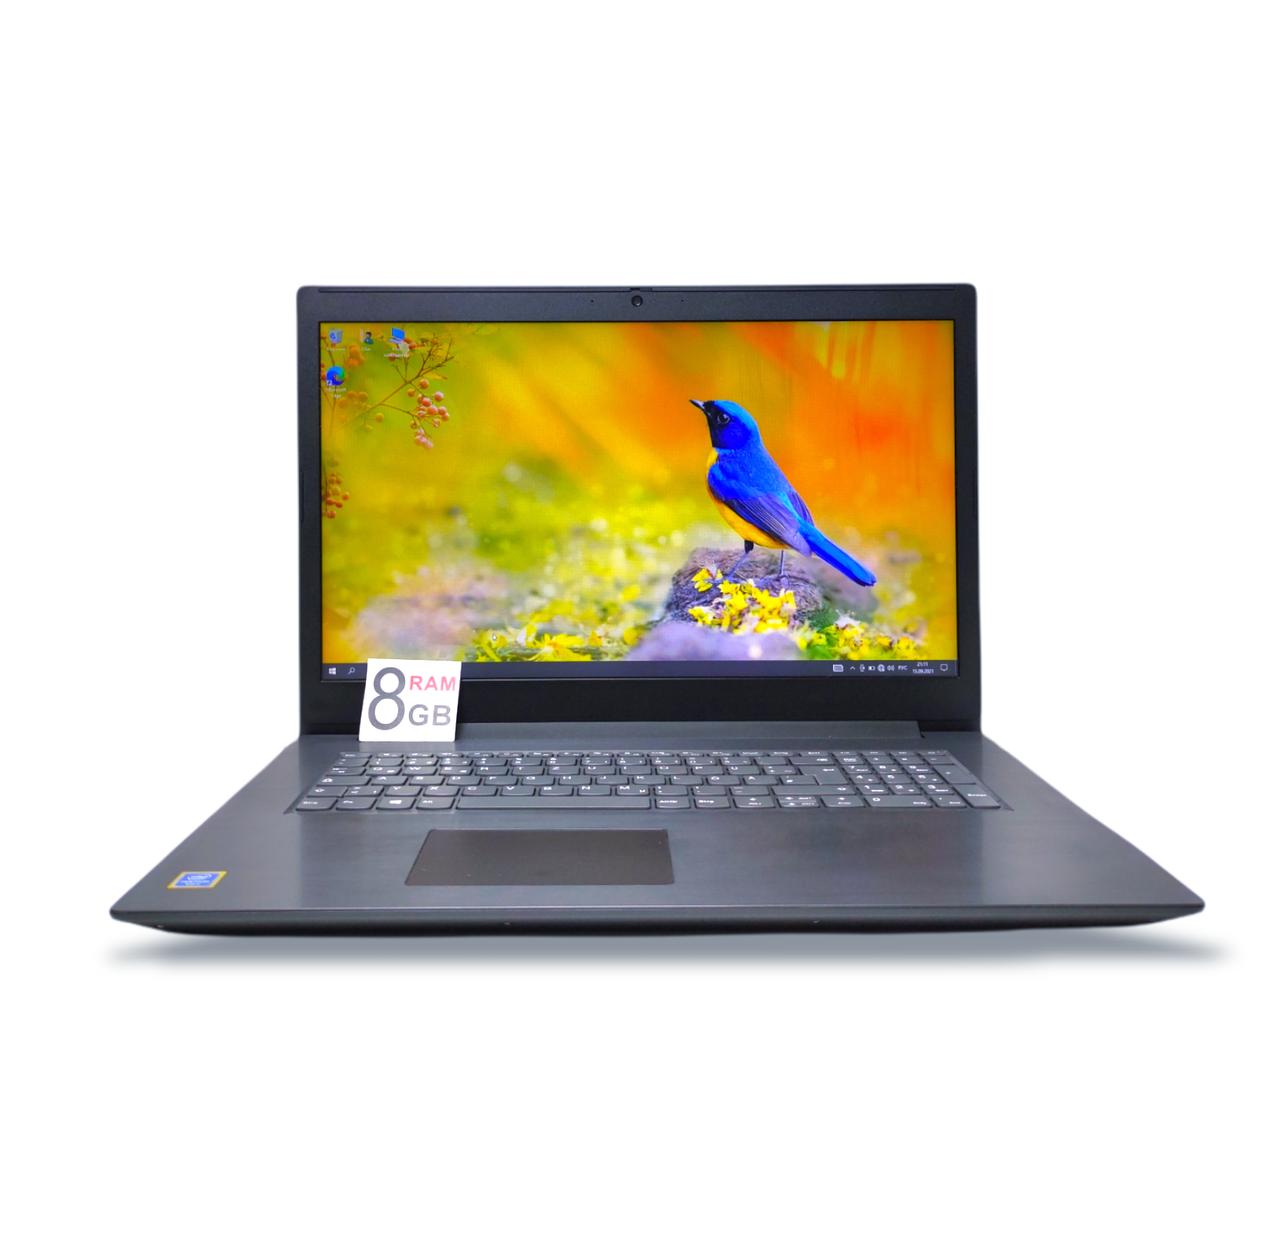 Ноутбук Lenovo V340-17IWL HD+ Pentium 5405U 8GB DDR4 HDD 1TB